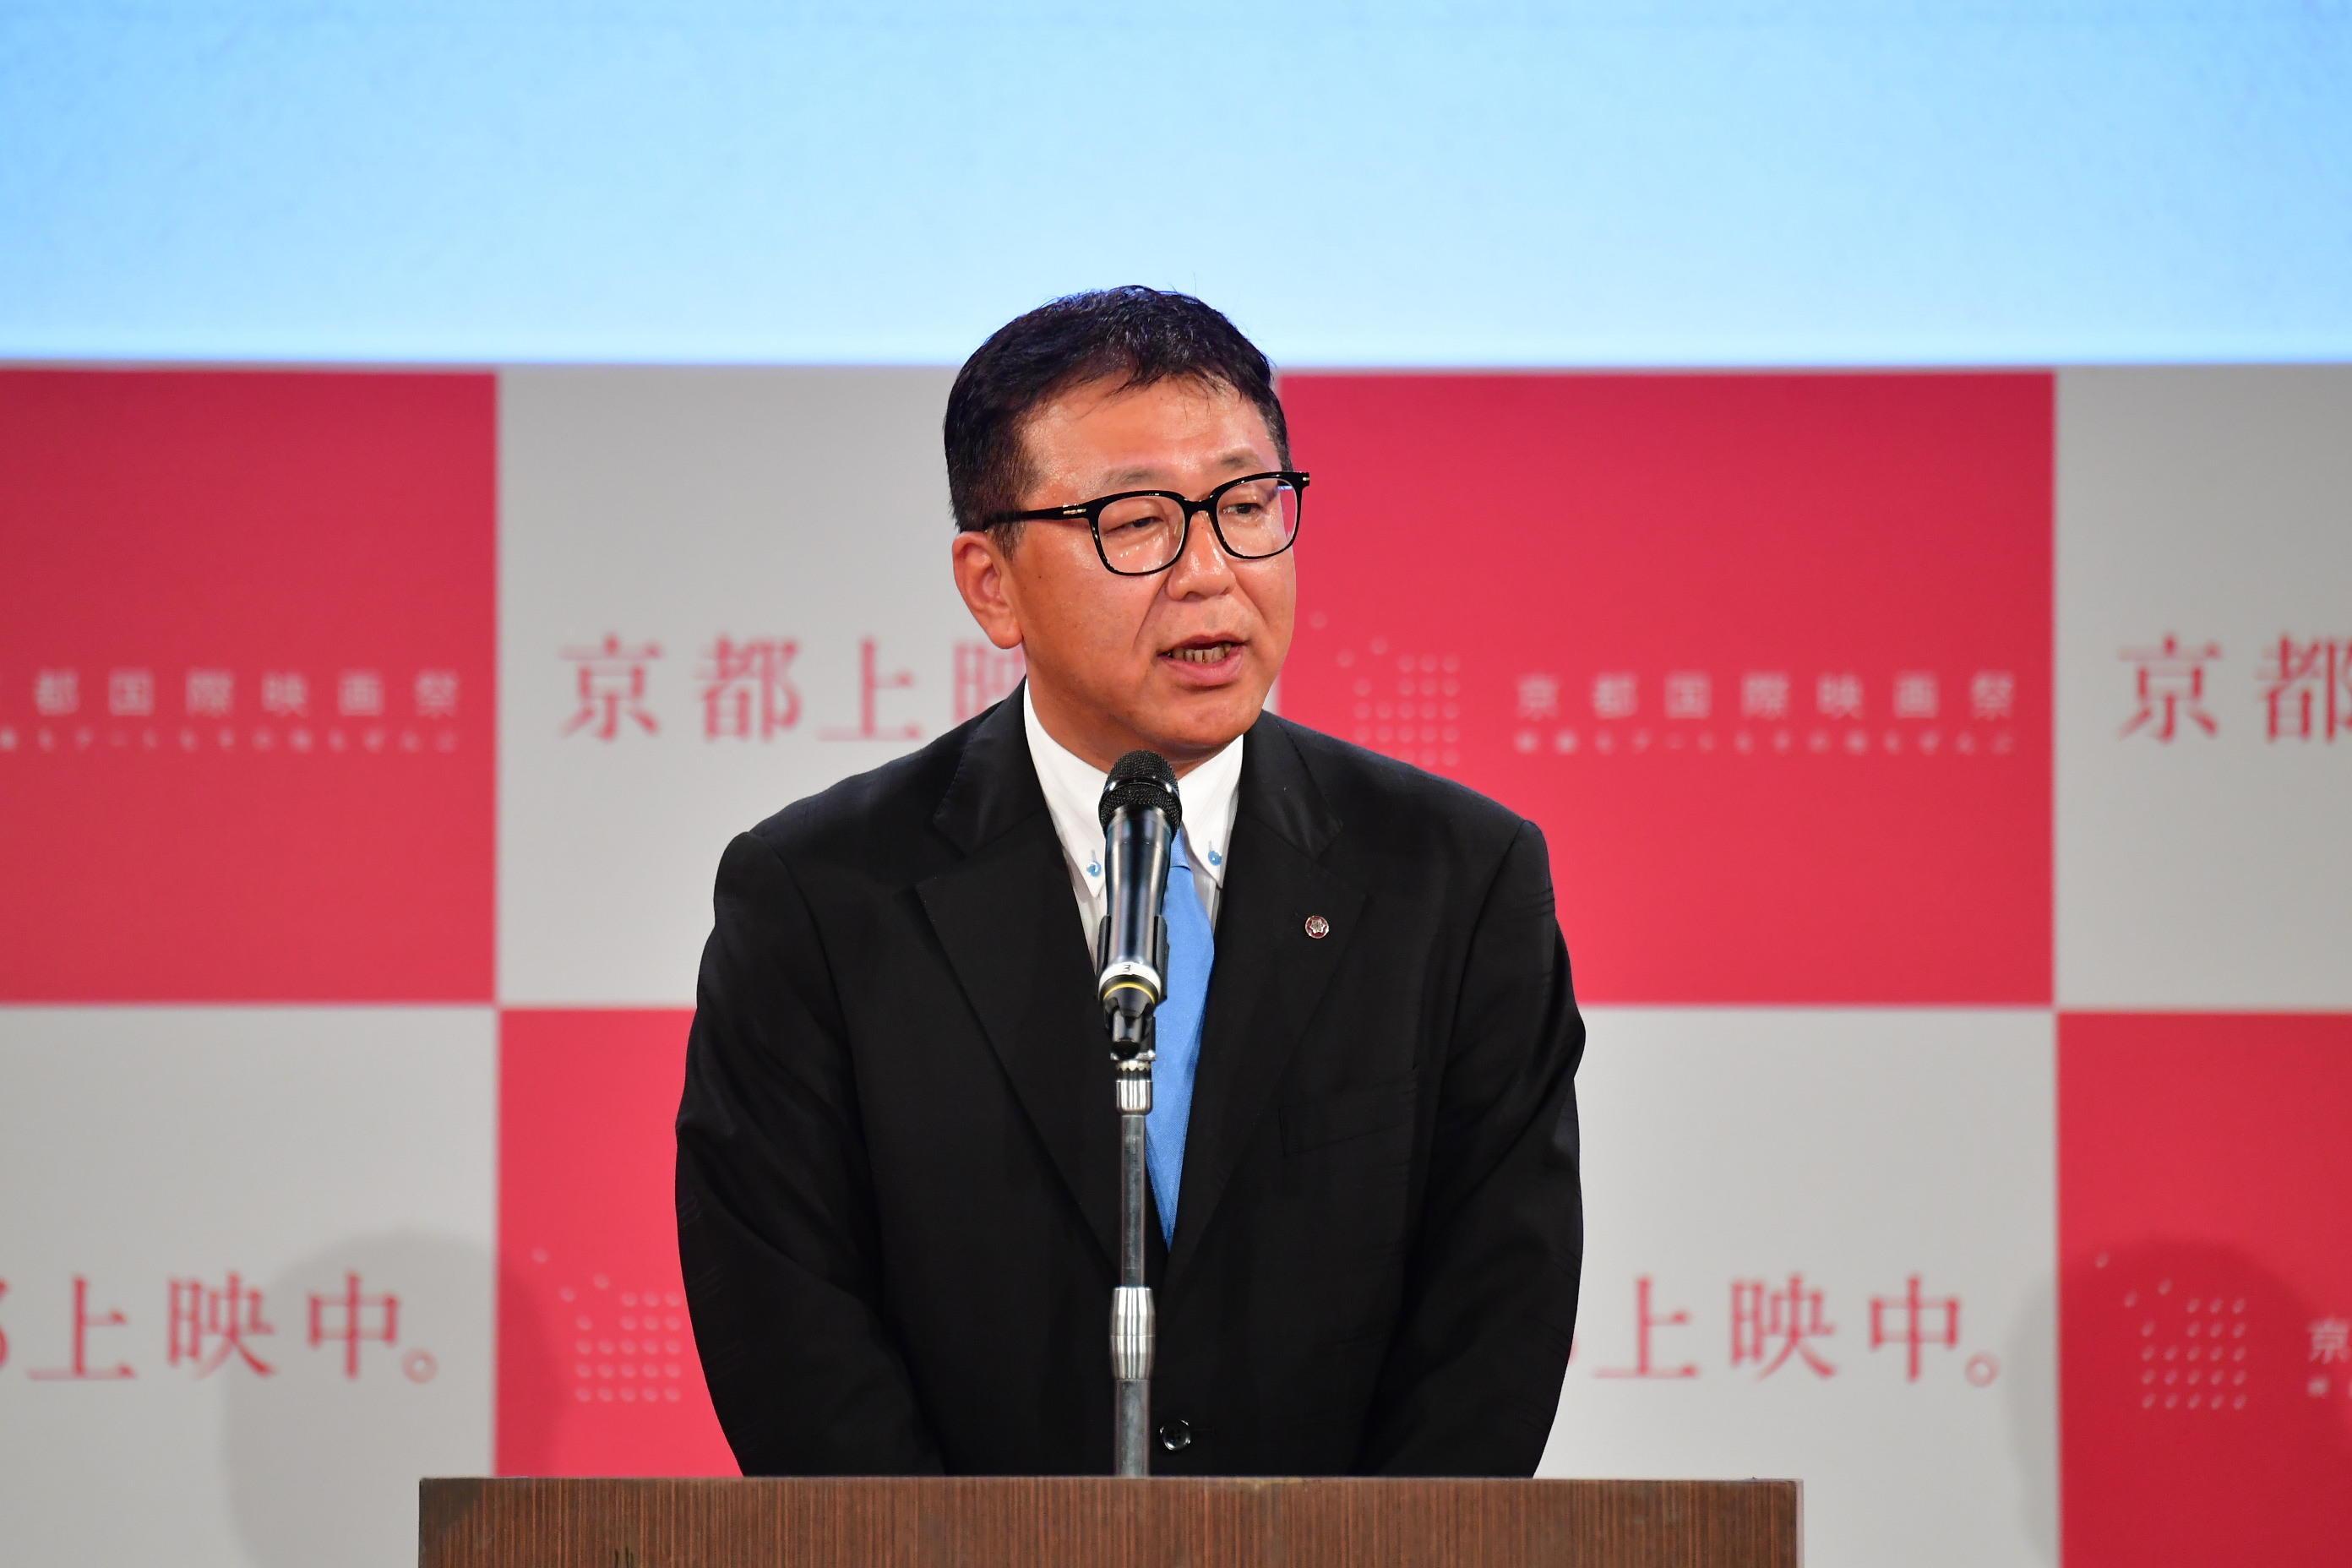 http://news.yoshimoto.co.jp/20180903231954-ba7c4e2bdb8d0275204128e915e6beb2496a2657.jpg